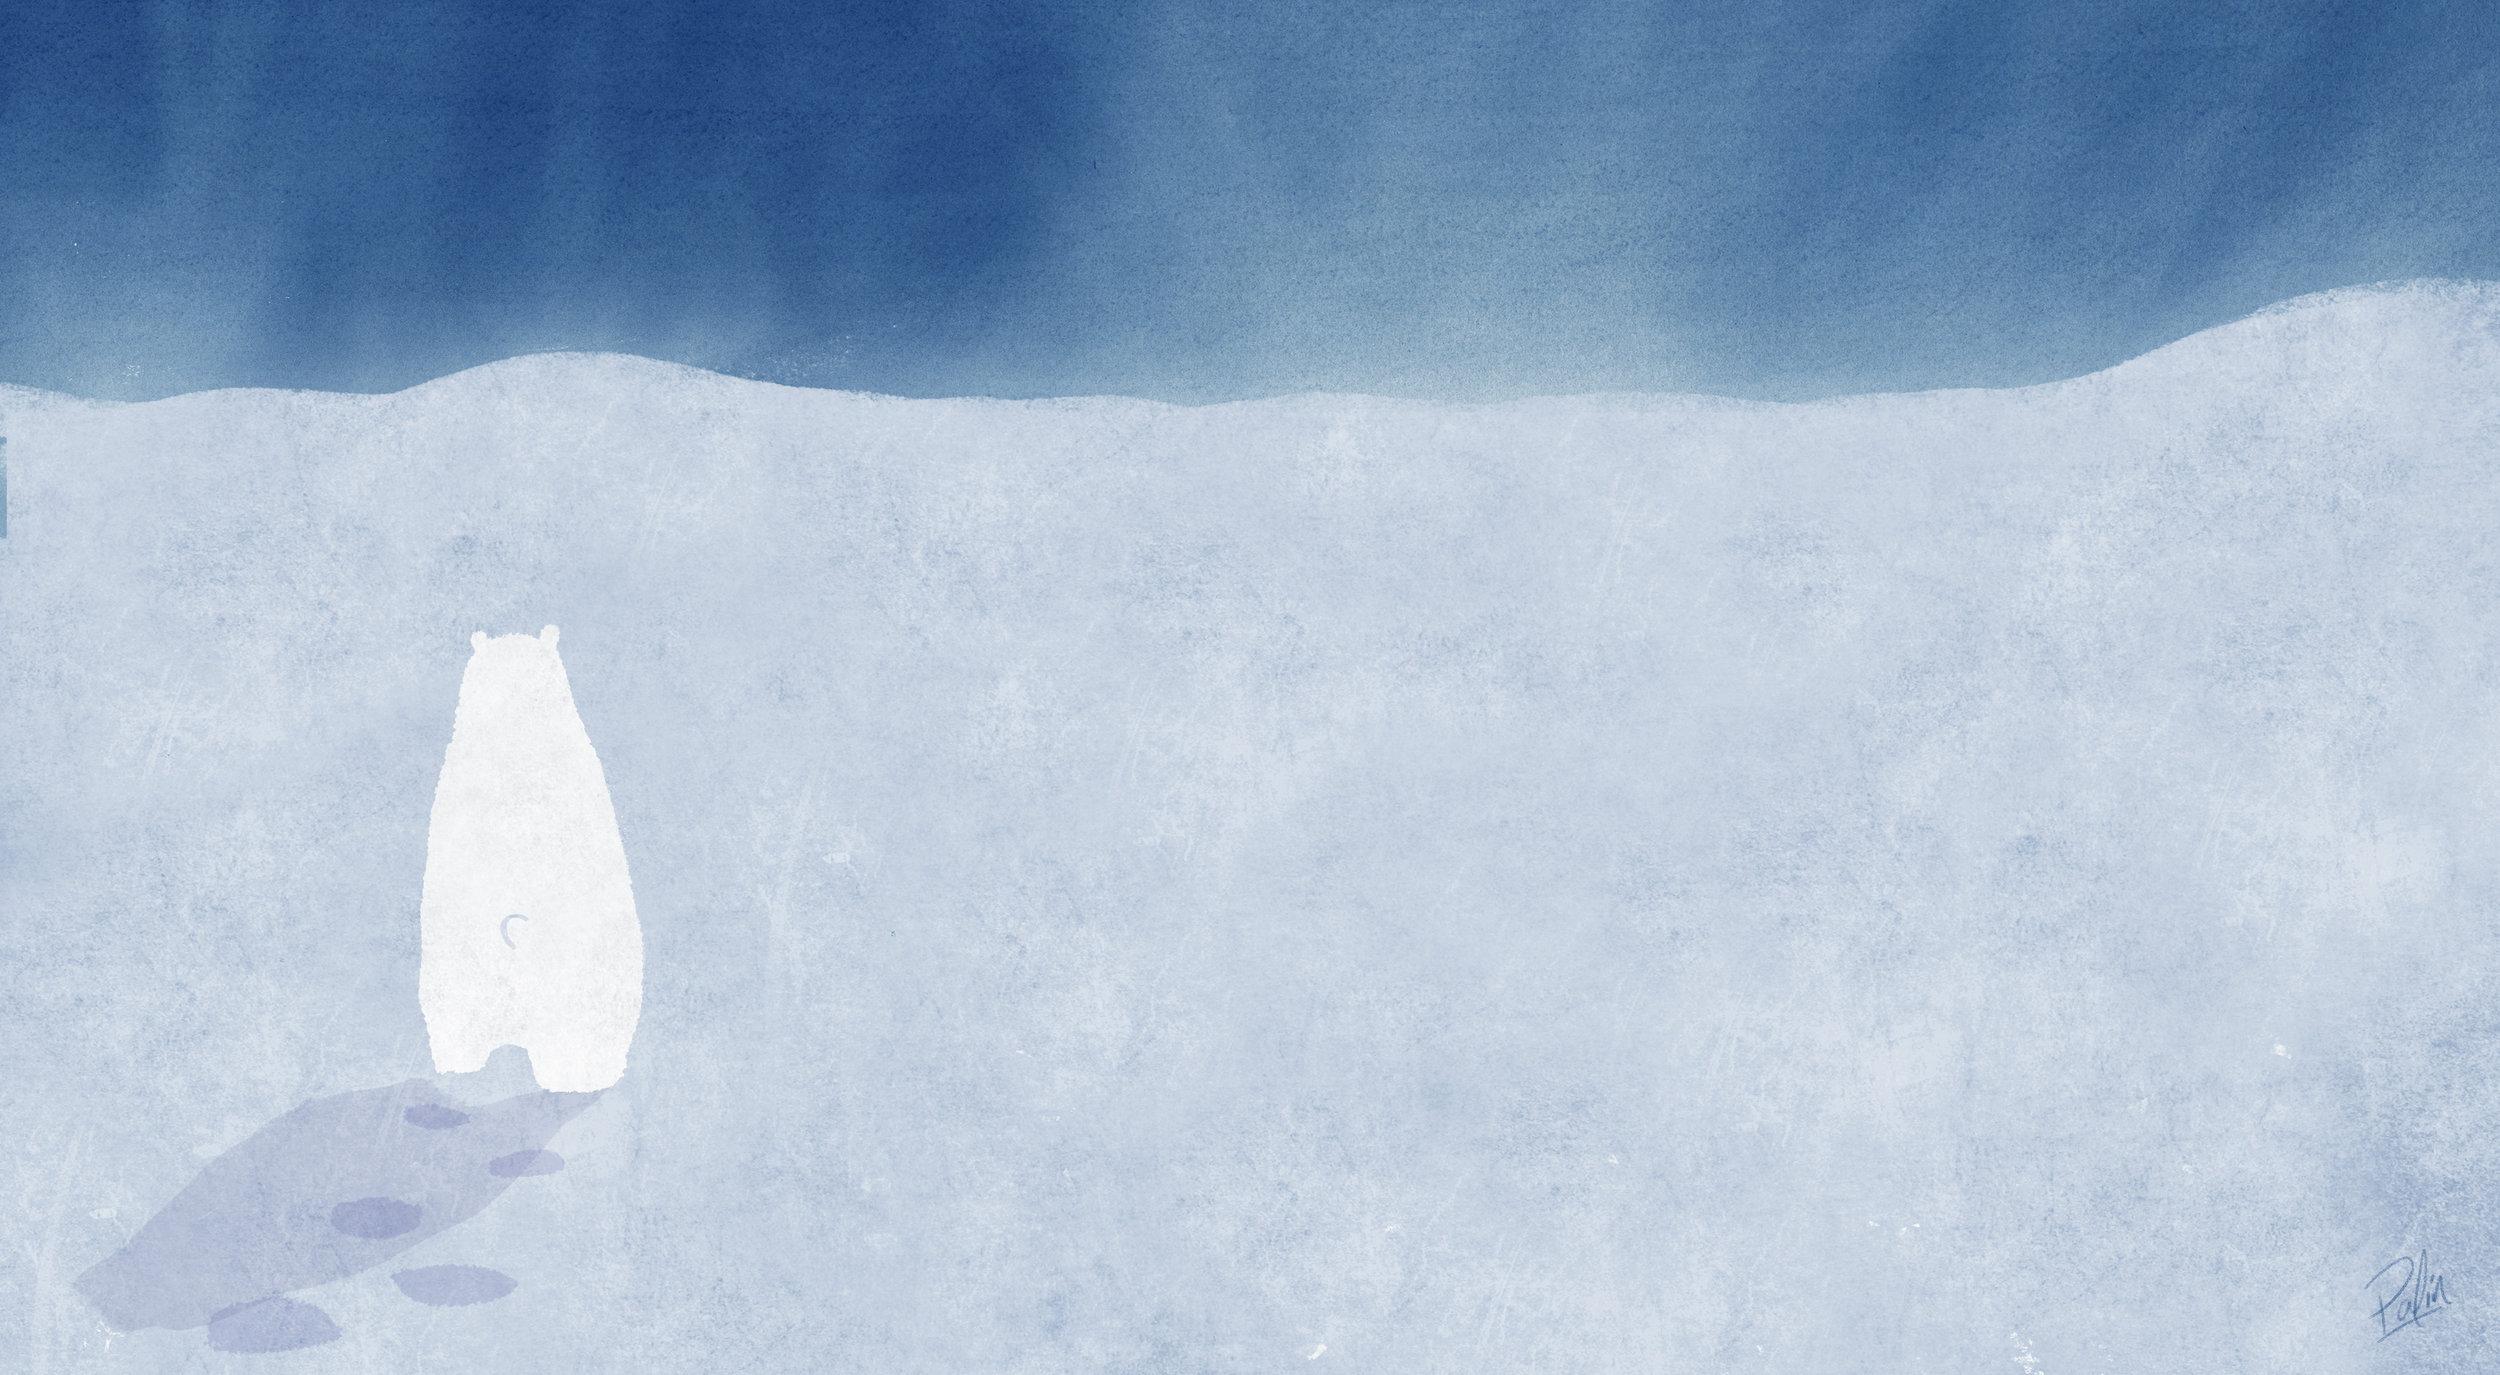 Polar Bear Movie 3.jpg